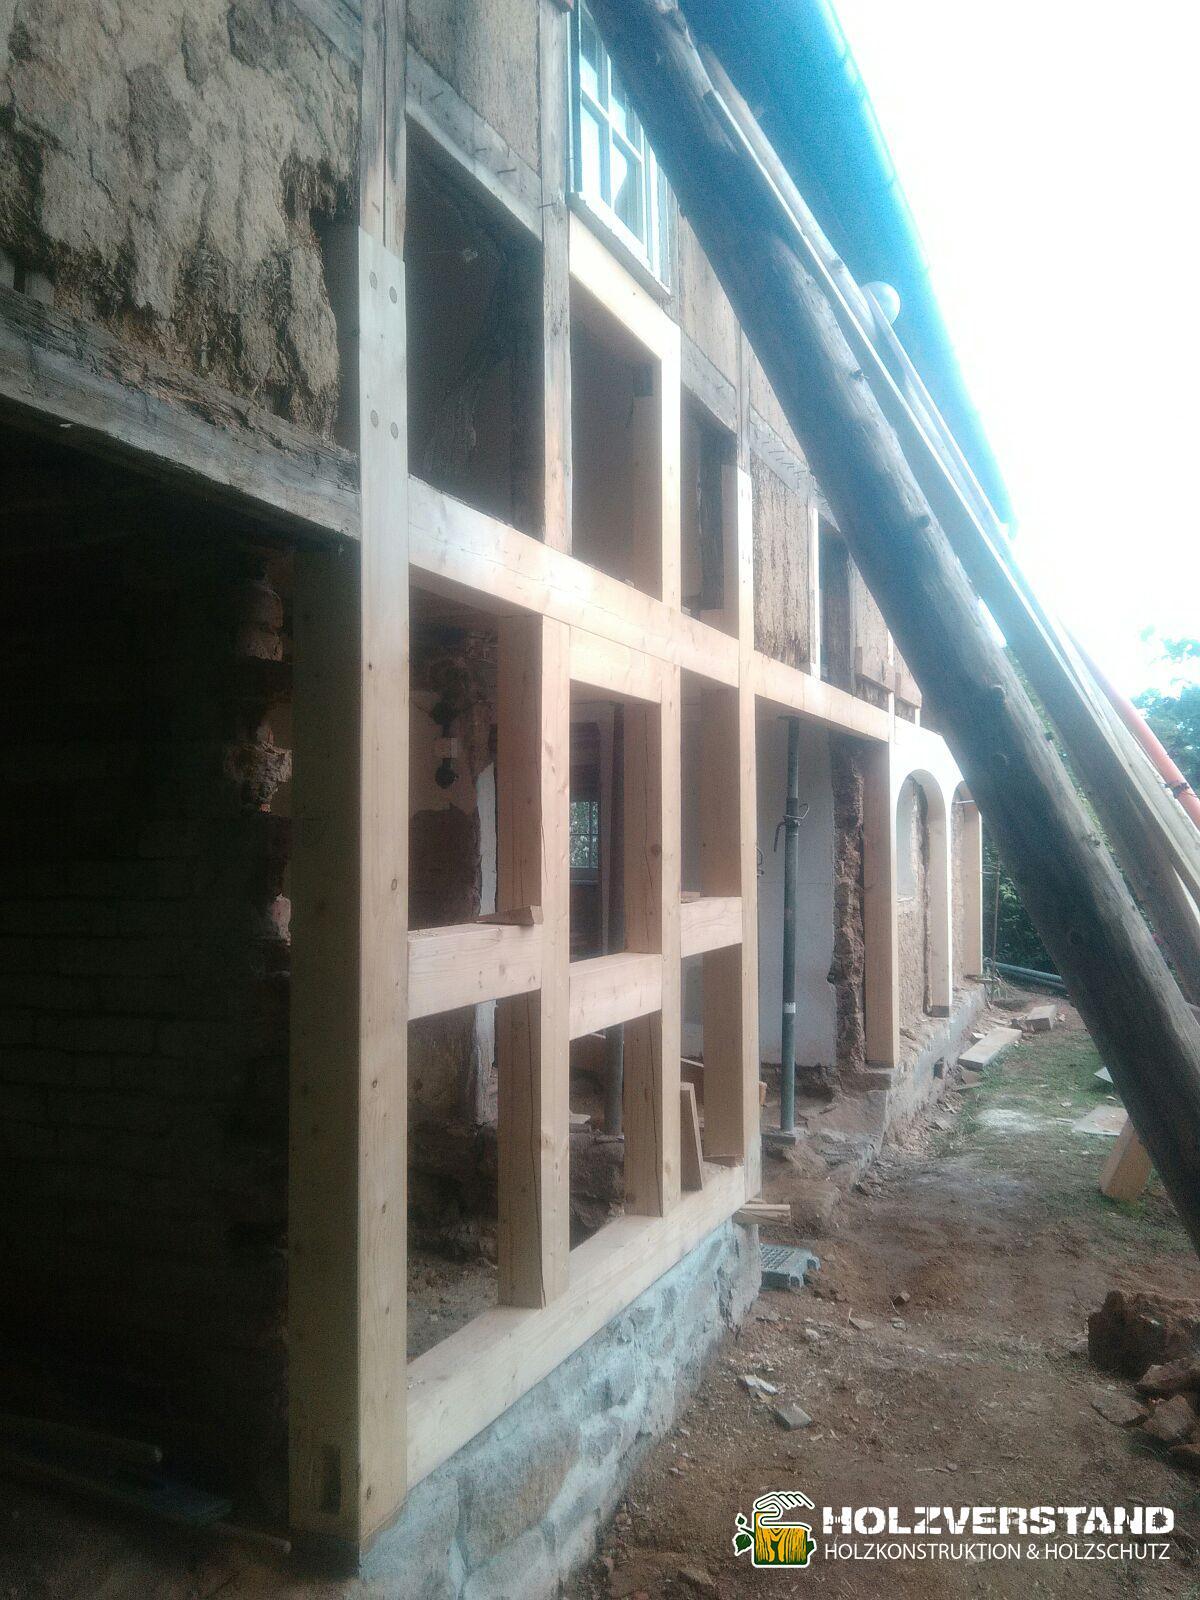 Img 20160616 wa0013 for Holzschutzmittel fachwerk